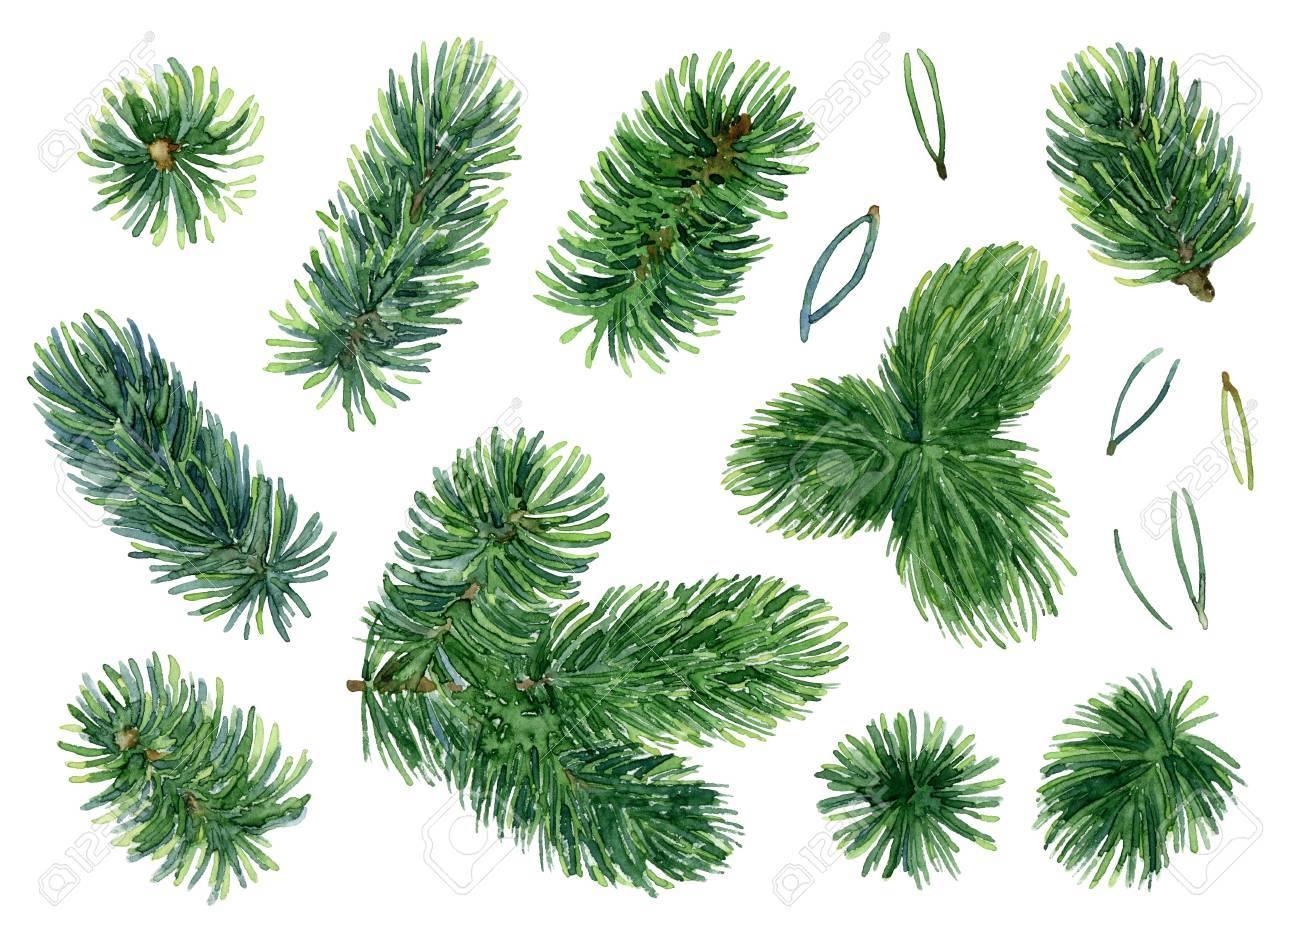 Spruce set